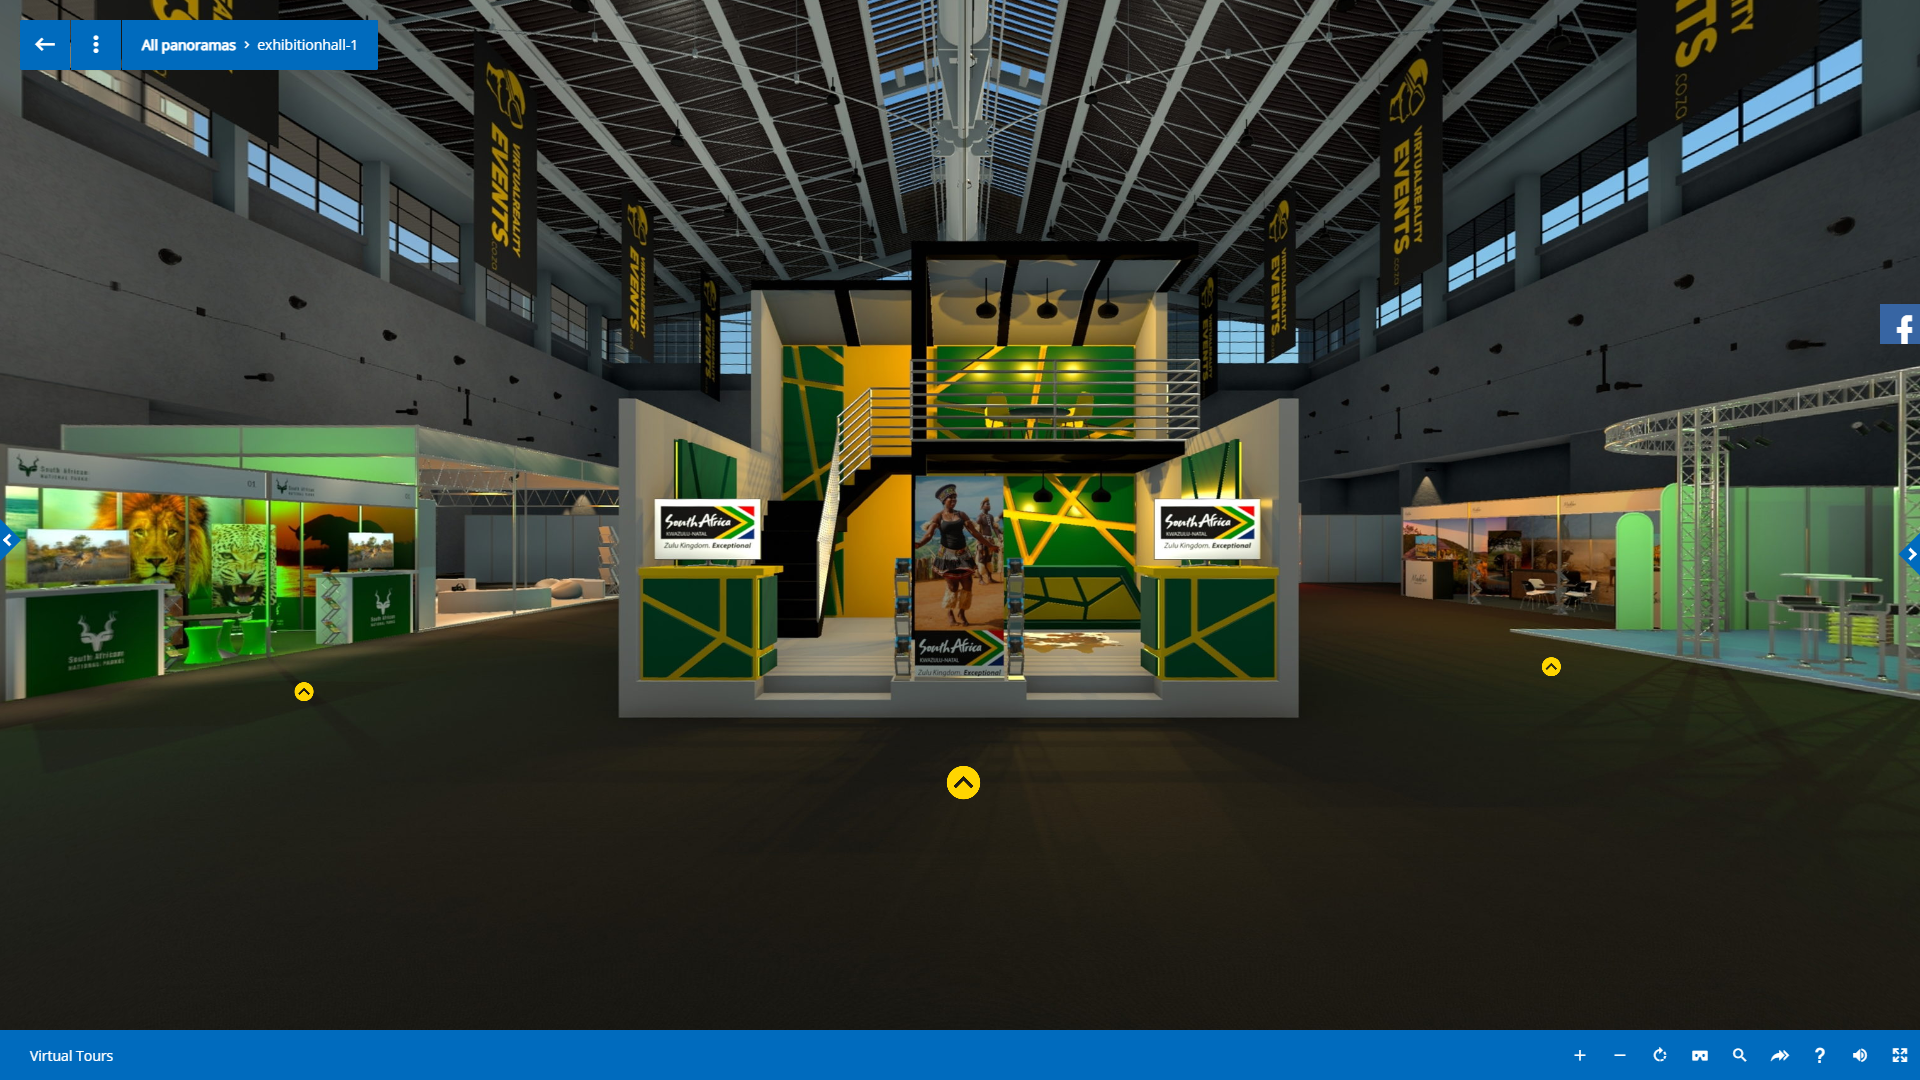 virtual reality tourism expo